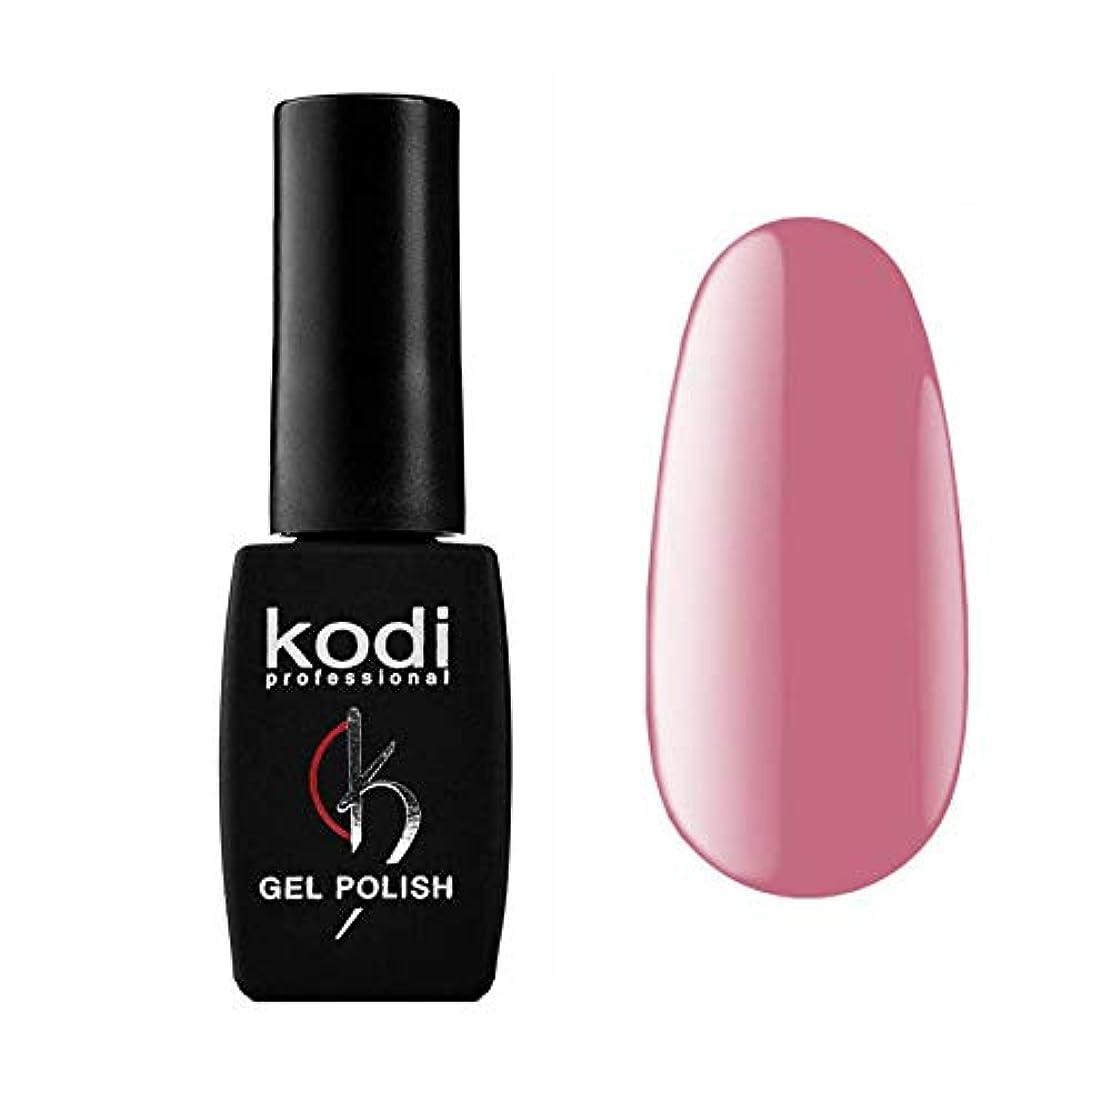 アルコール十分ではないムスKodi Professional New Collection P PINK #30 Color Gel Nail Polish 12ml 0.42 Fl Oz LED UV Genuine Soak Off